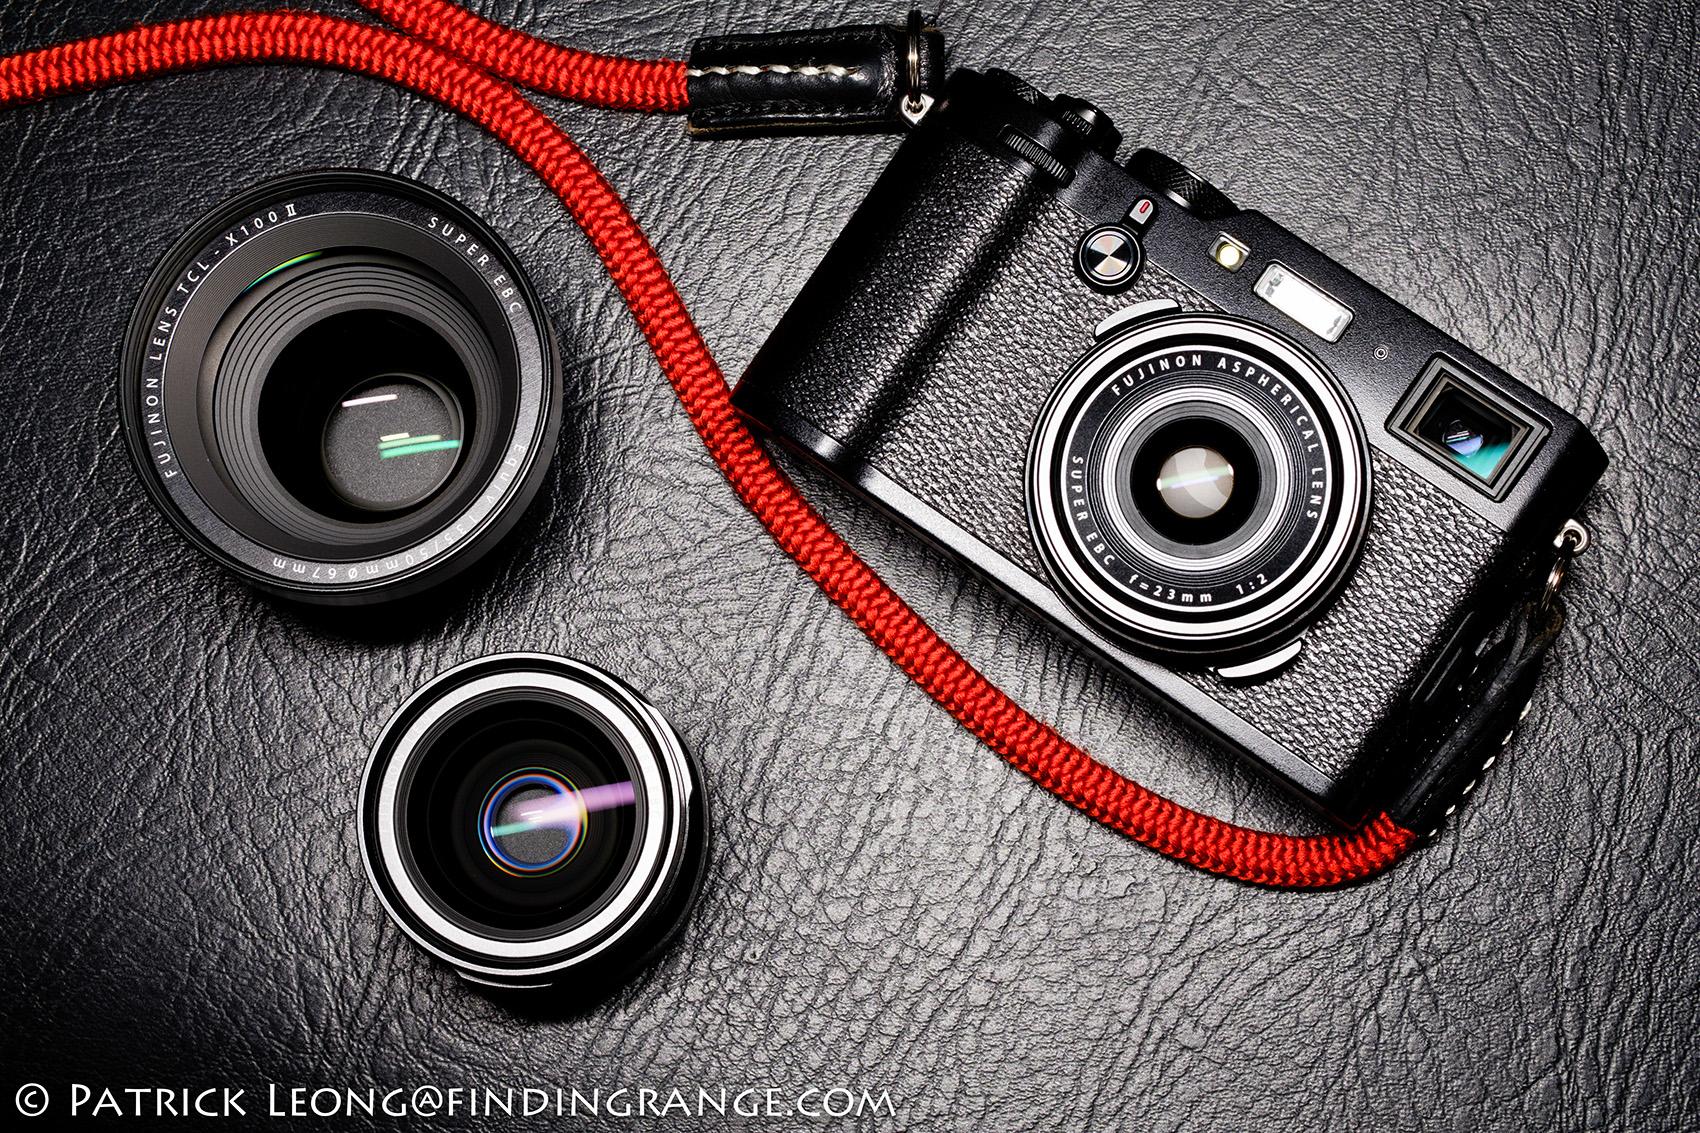 Fuji-X100F-WCL-X100-II-TCL-X100-II-First-Impressions-Review